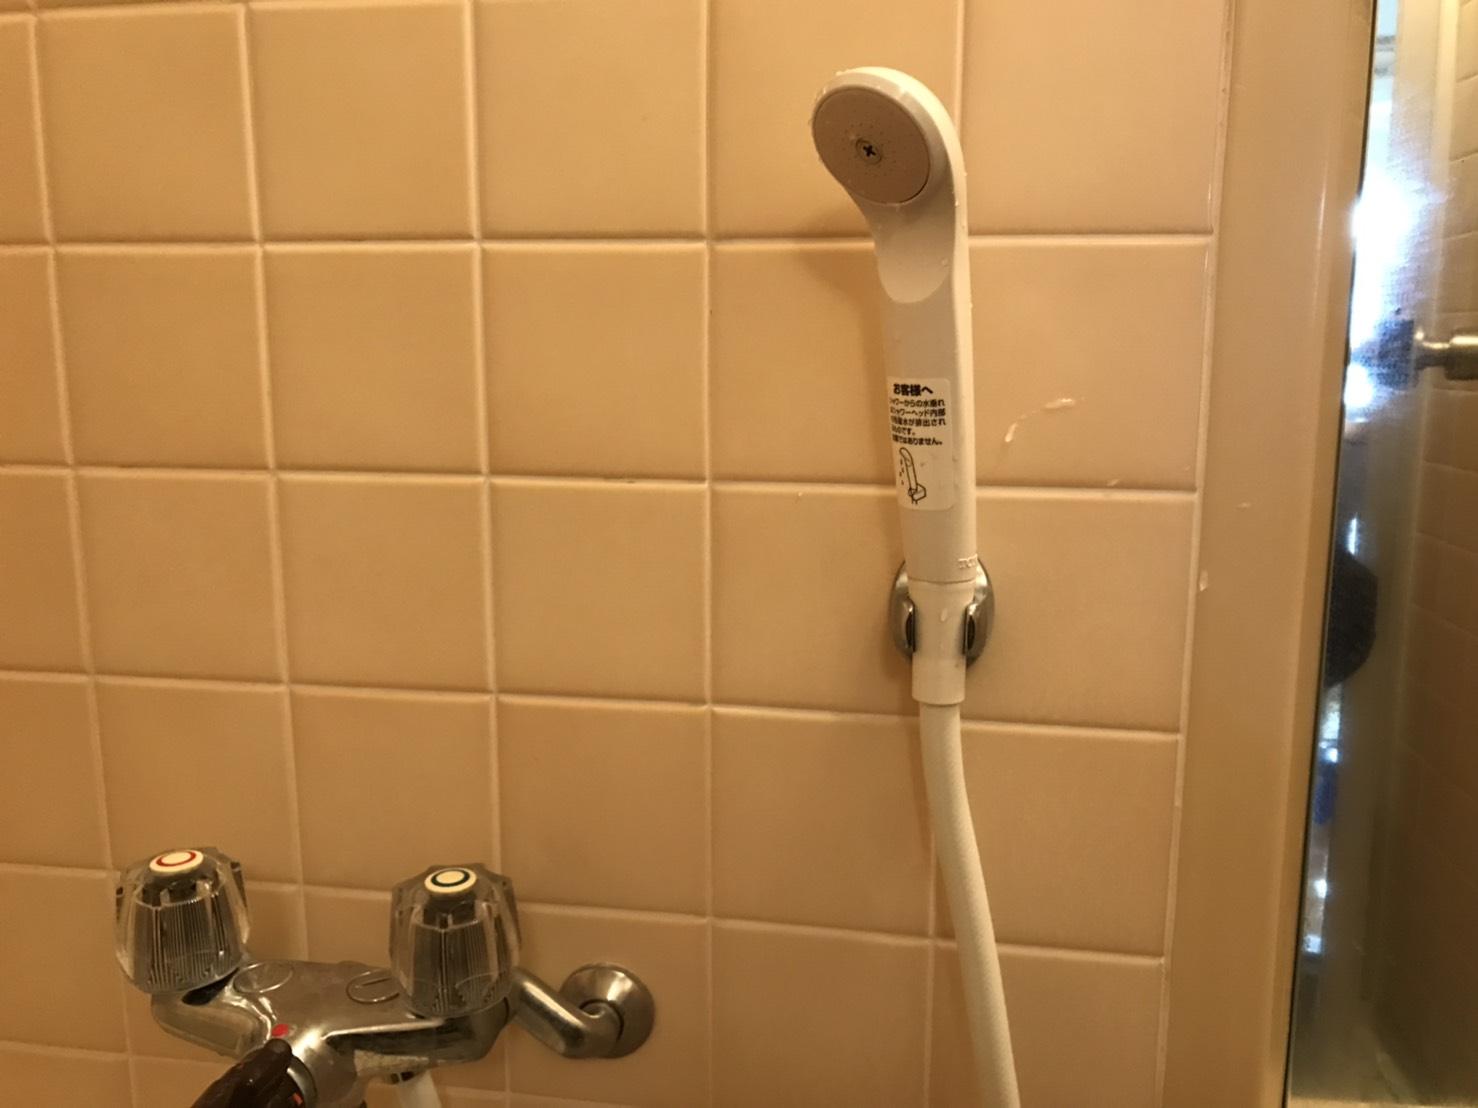 下松市桃山町 浴室蛇口シャワーホース交換